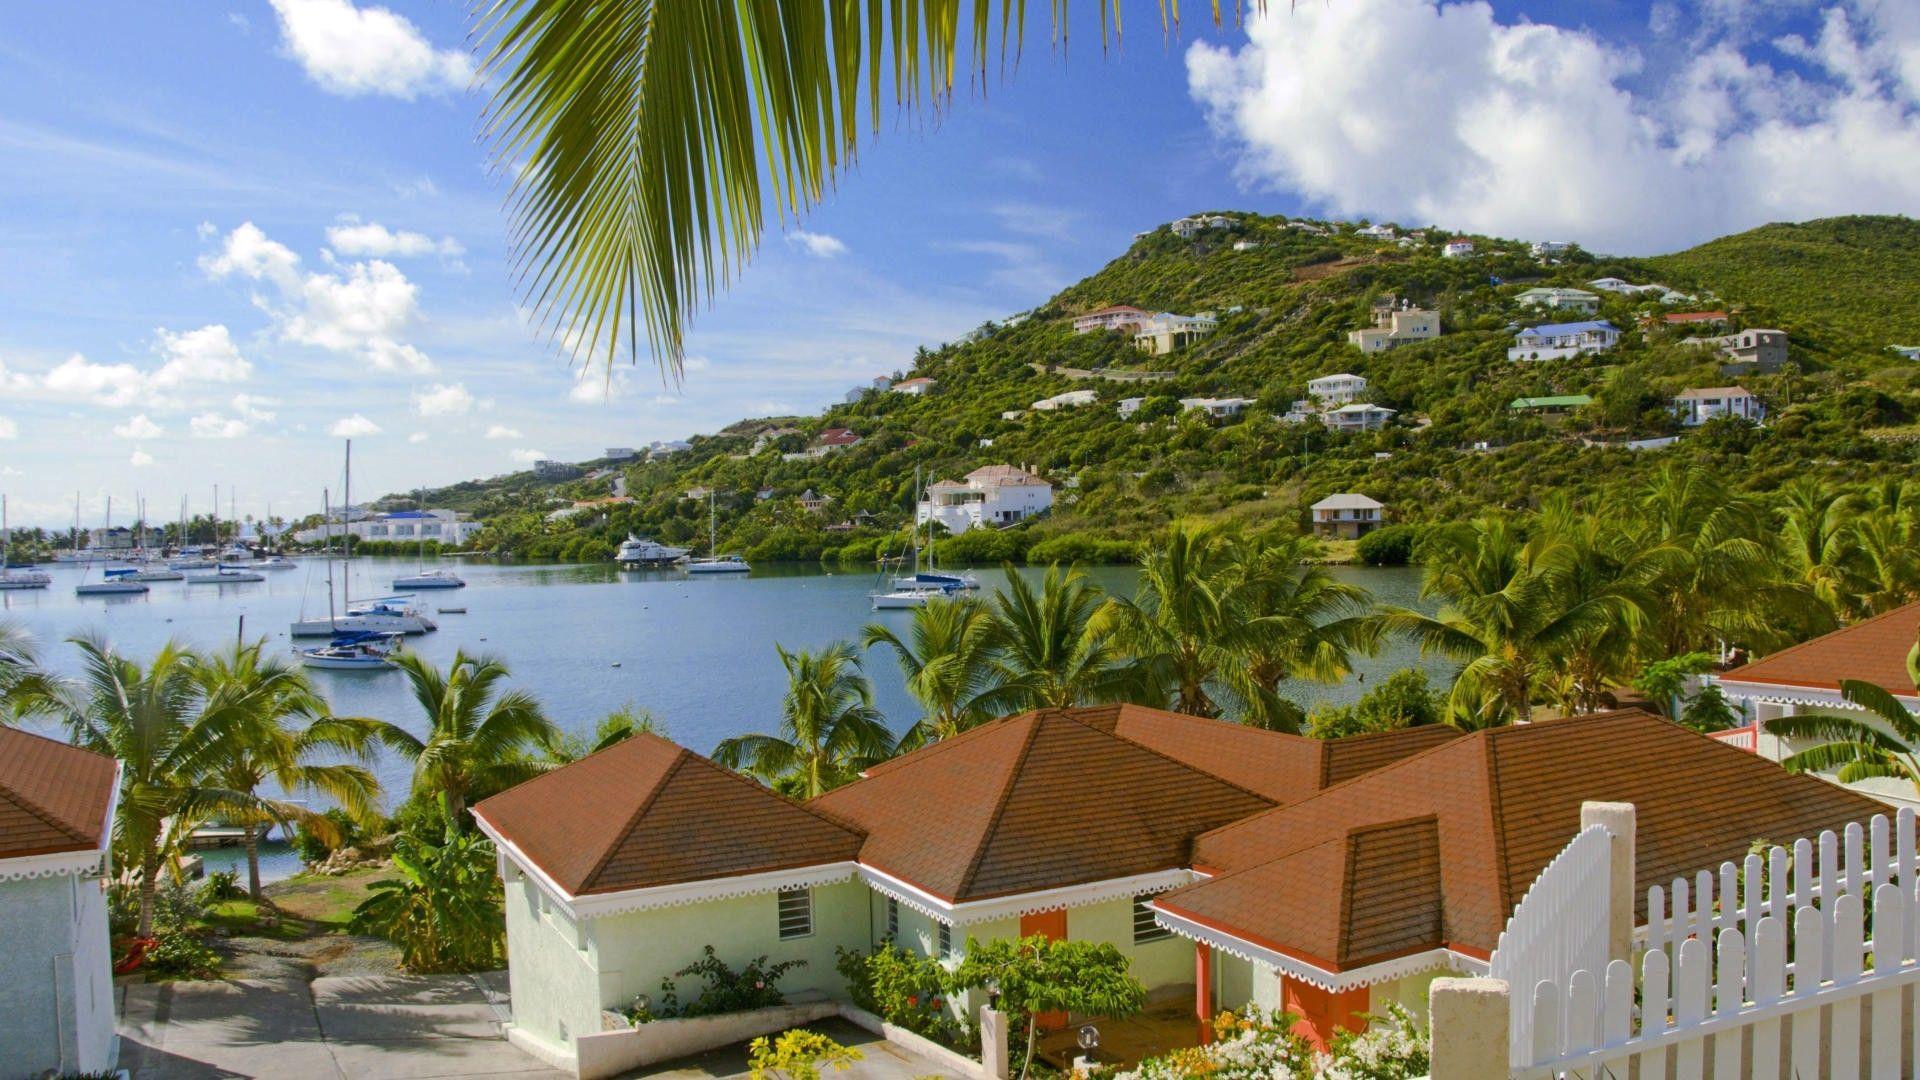 Caribbean desktop wallpapers top free caribbean desktop - Caribbean wallpaper free ...